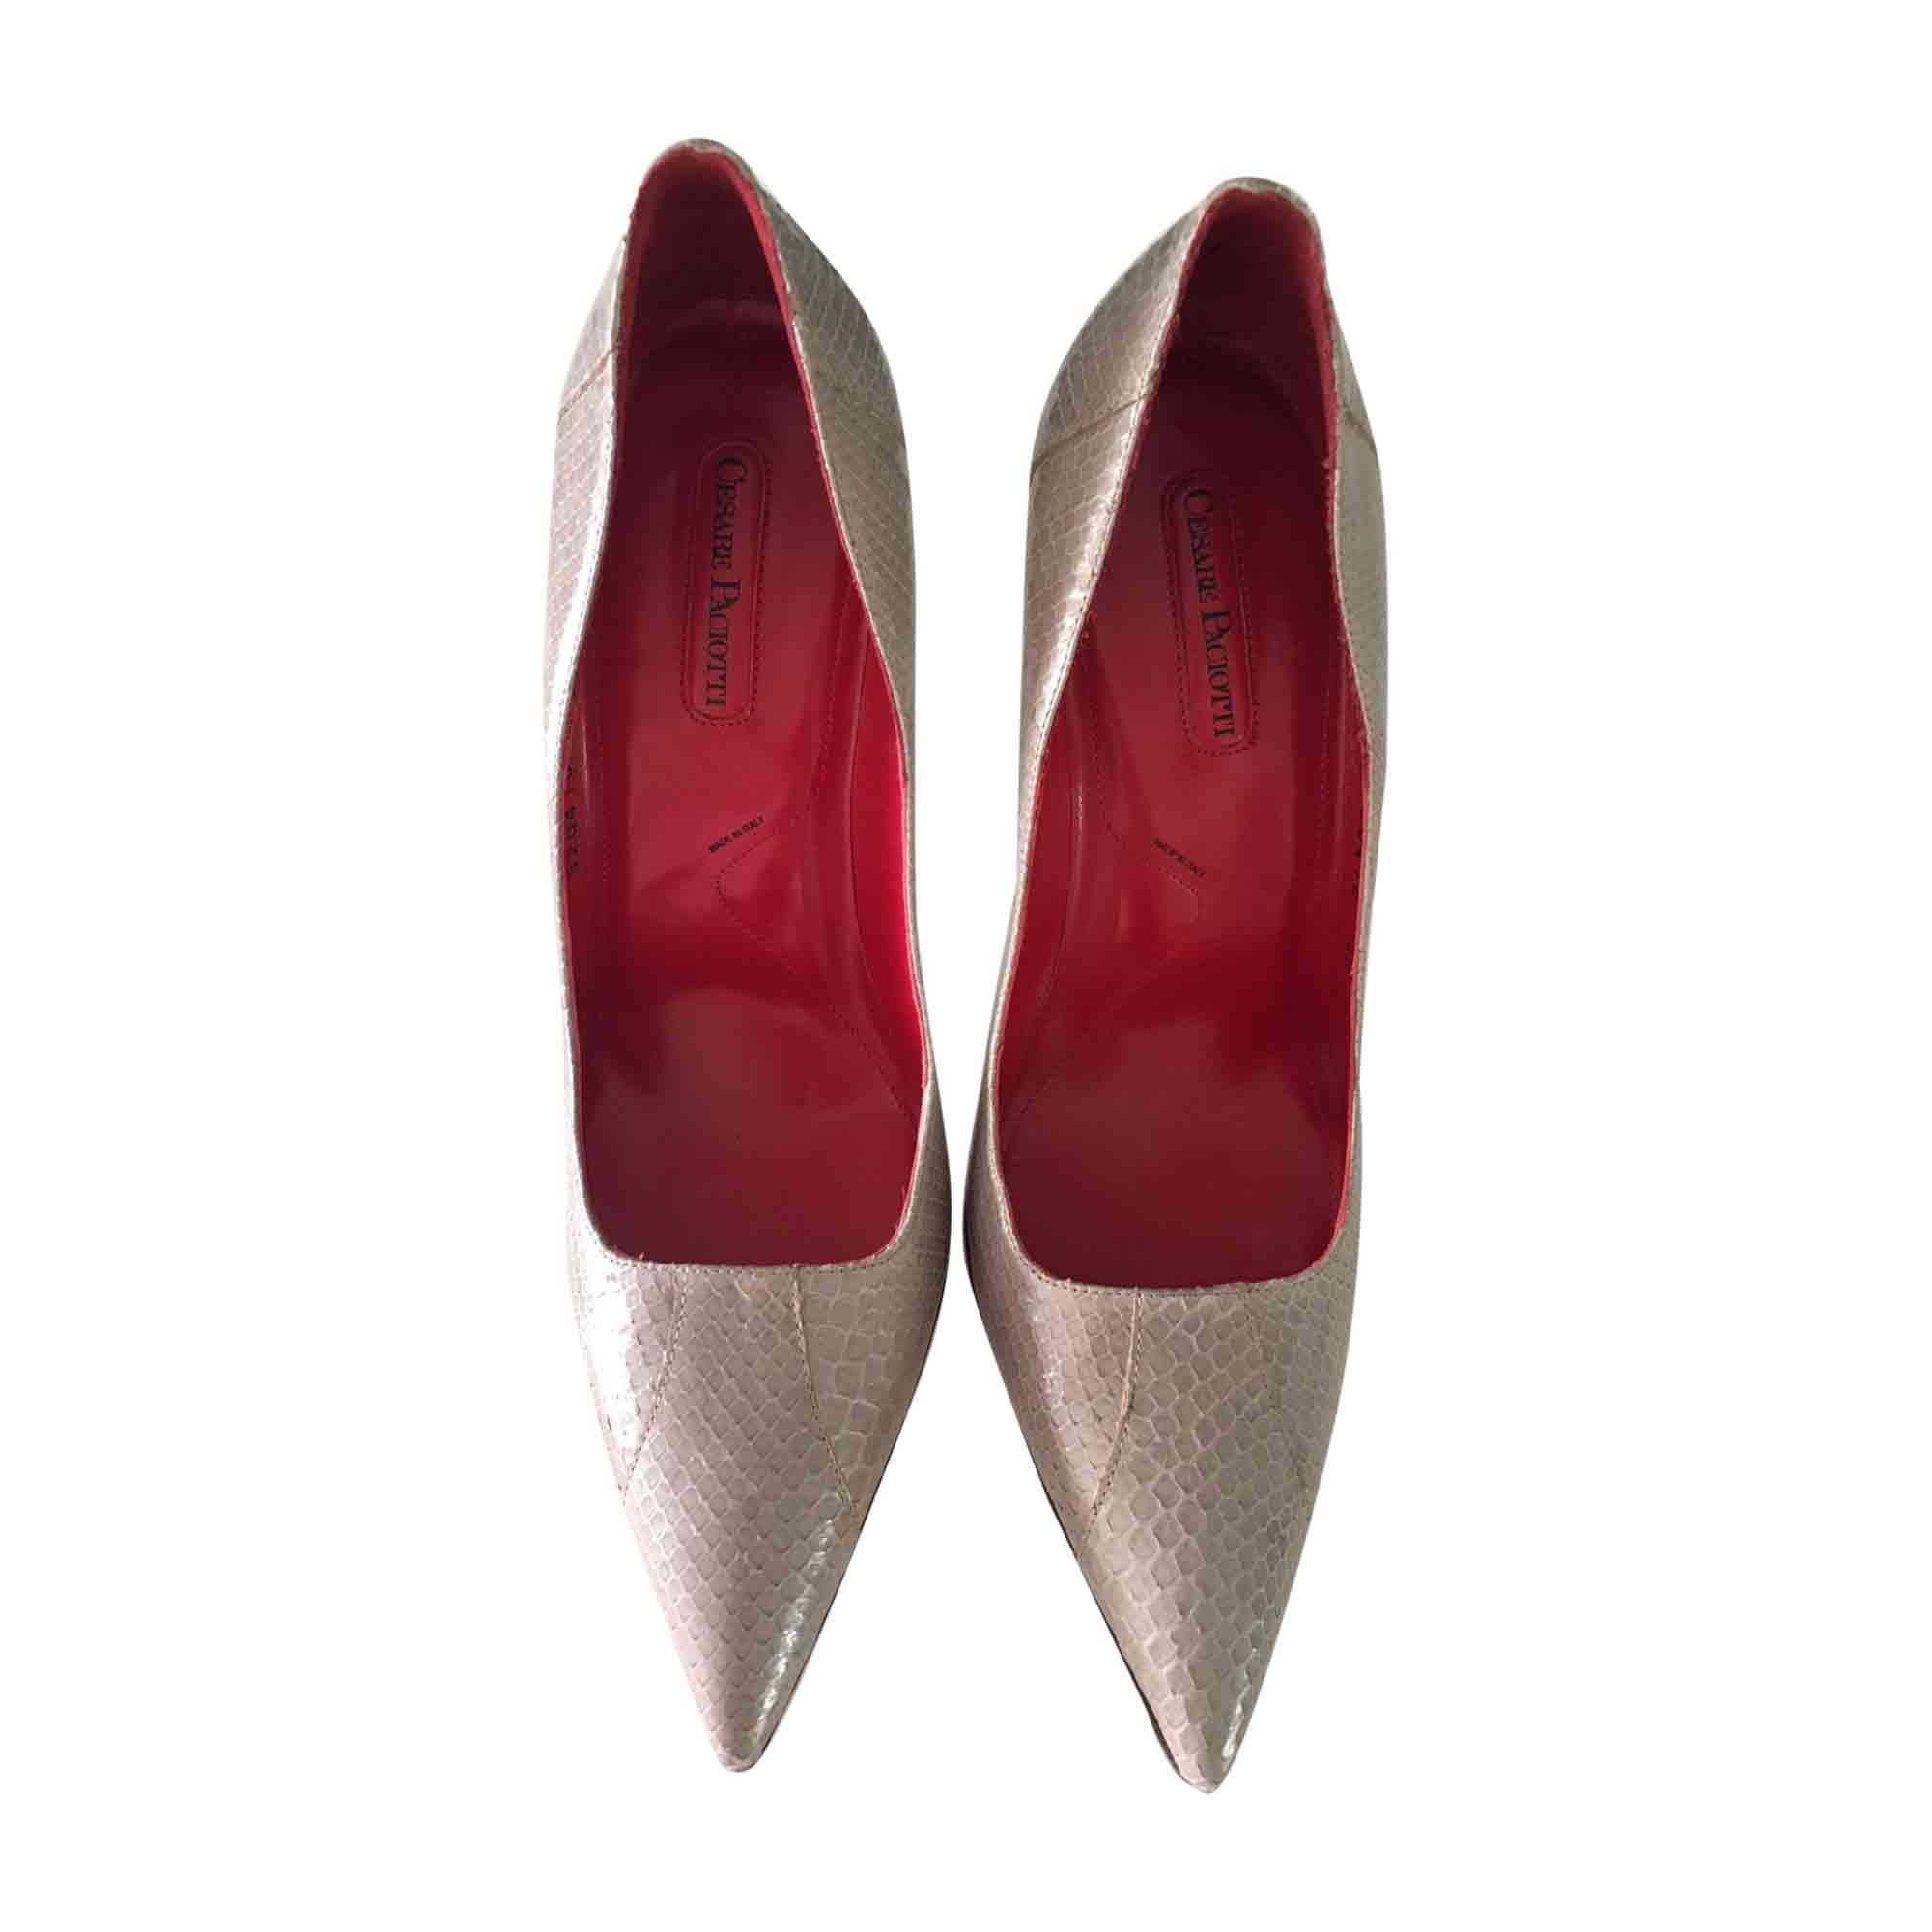 grand assortiment Design moderne bonne vente de chaussures Escarpins CESARE PACIOTTI